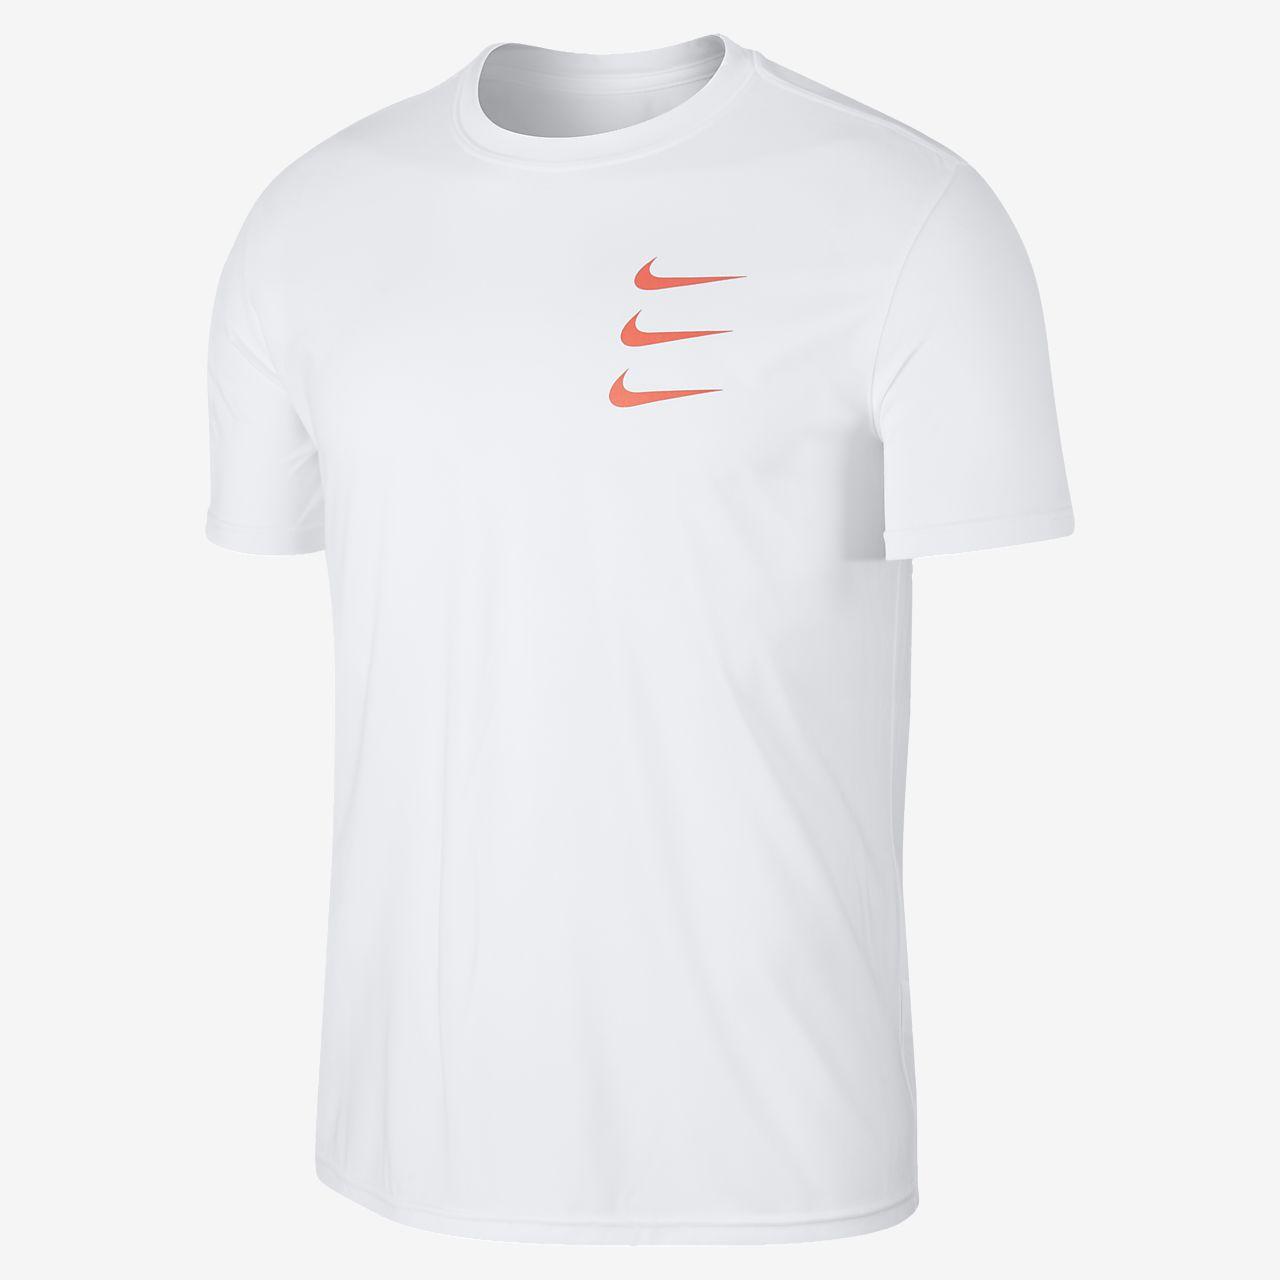 Ανδρικό T-Shirt για τρέξιμο Nike Dri-FIT (London)